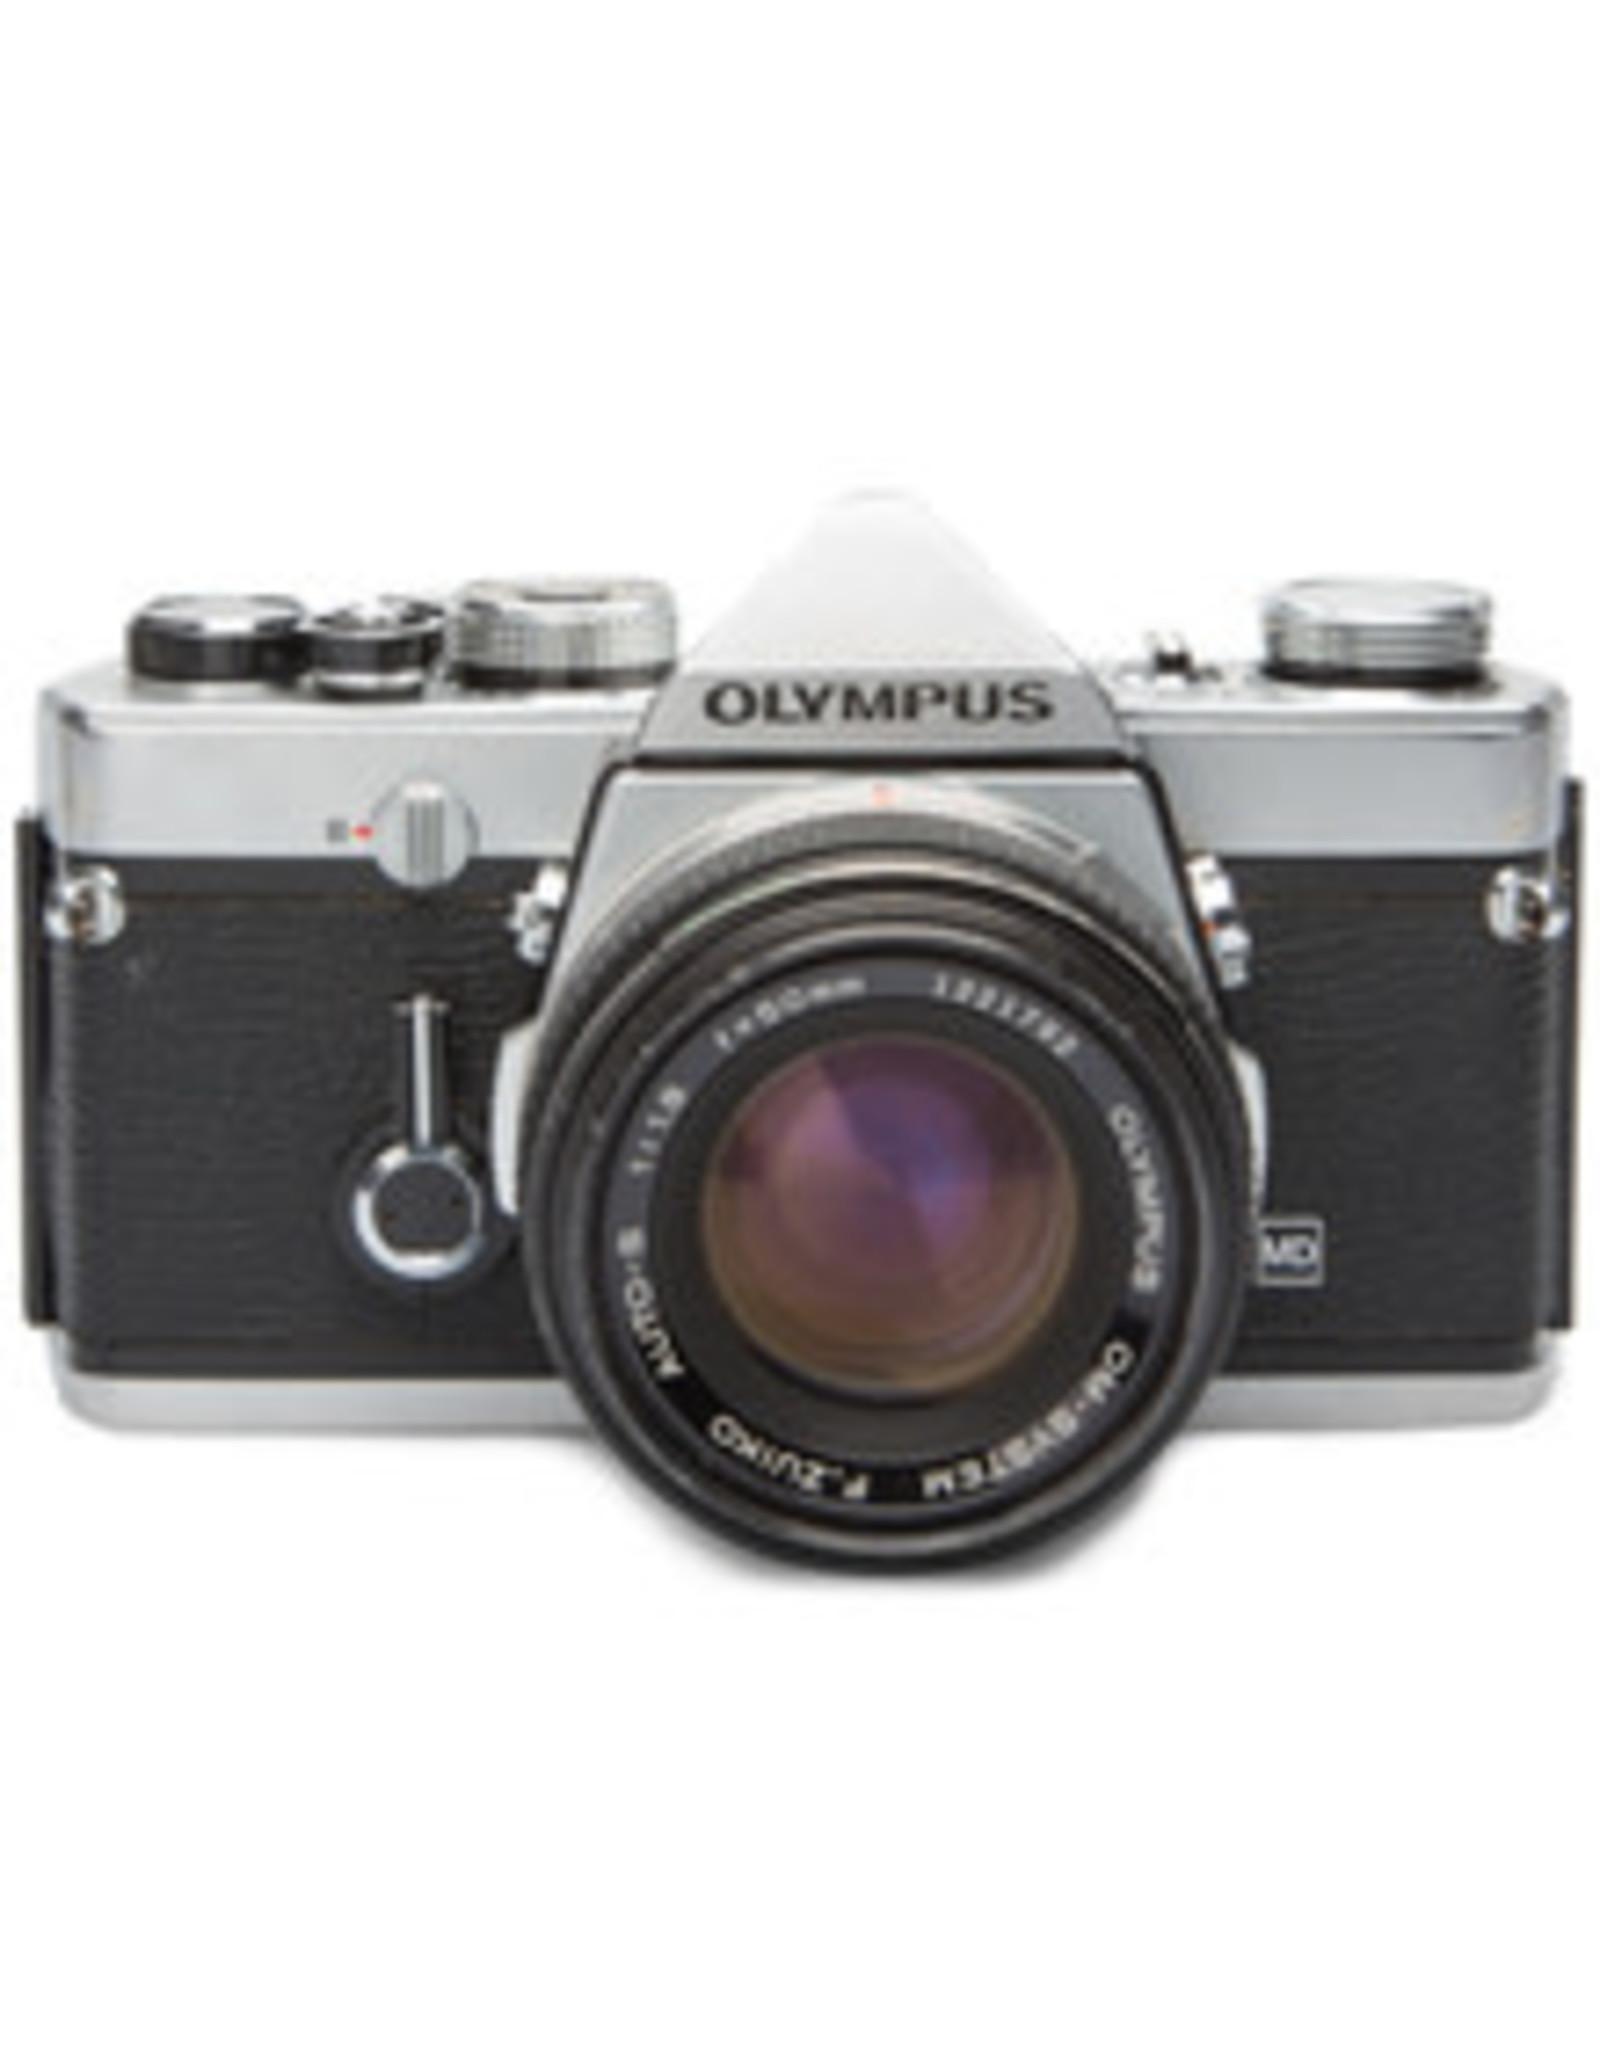 Olympus Olympus OM1 35mm SLR Camera w/50mm f1.8